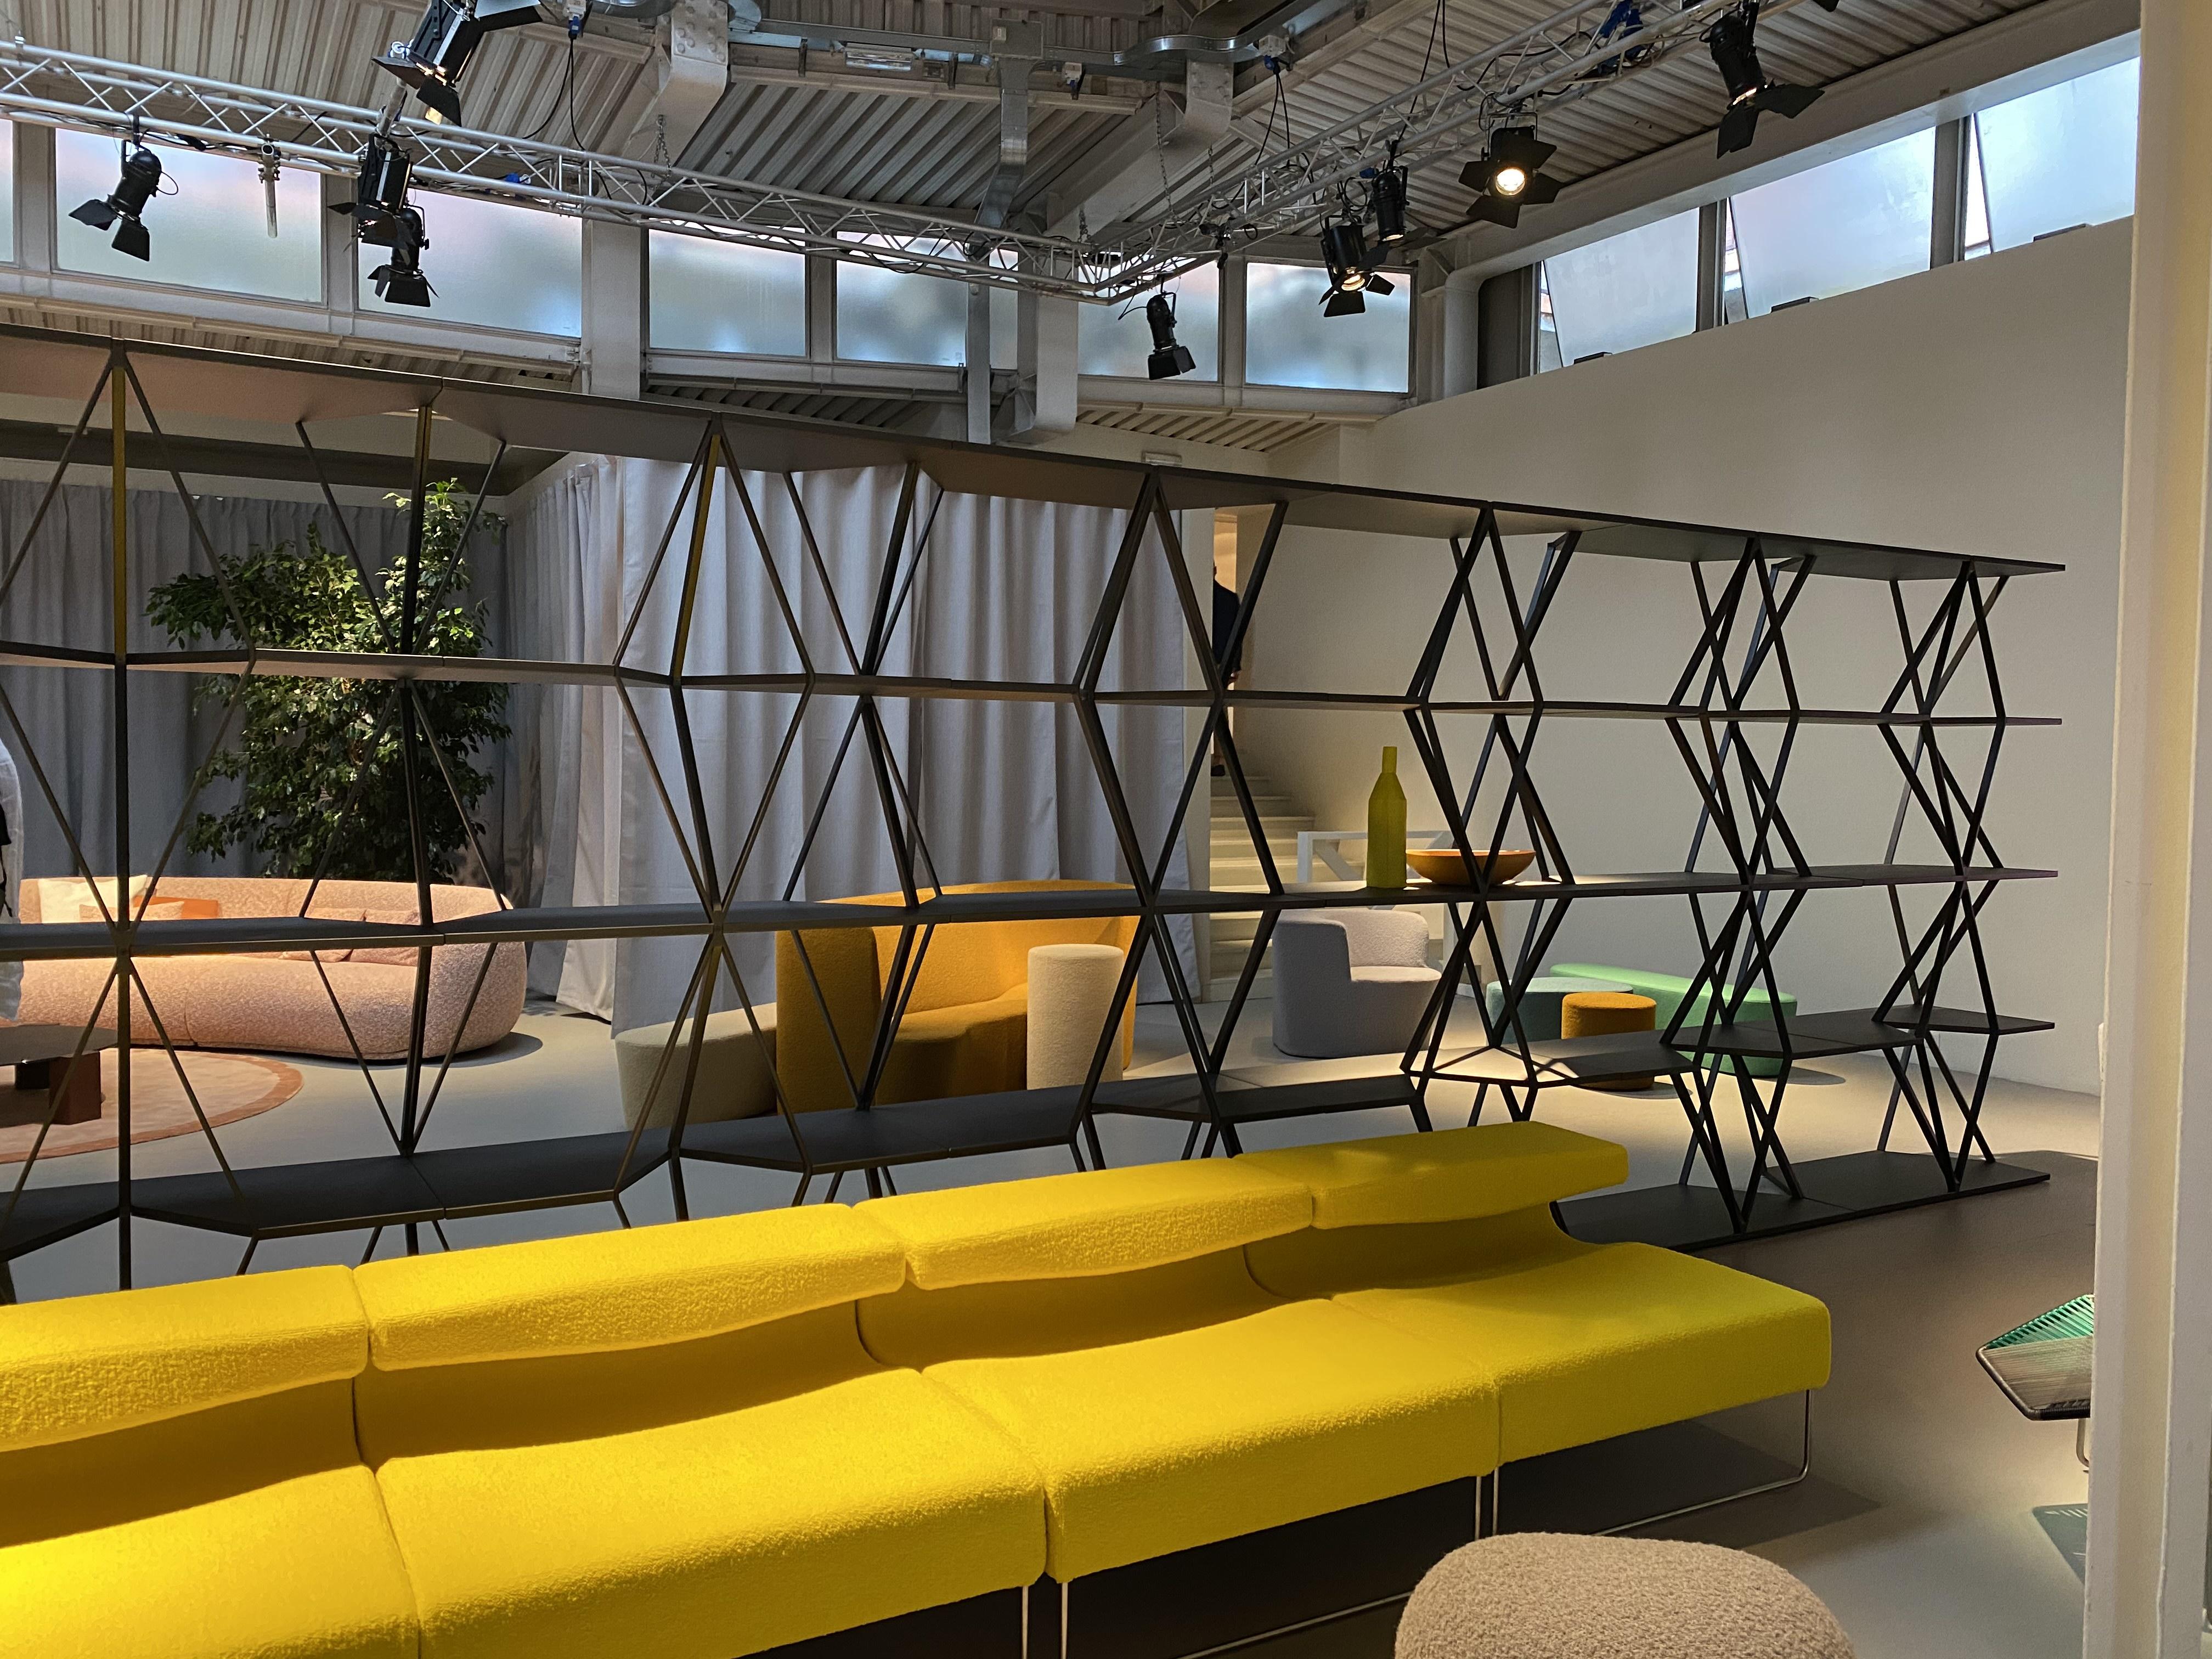 Exibido na semana de design de Milão, em 2017, como protótipo para Moroso do artista, o artista dinamarquês-islandês Olafur Eliasson cria uma peça de material reciclado e reciclável.